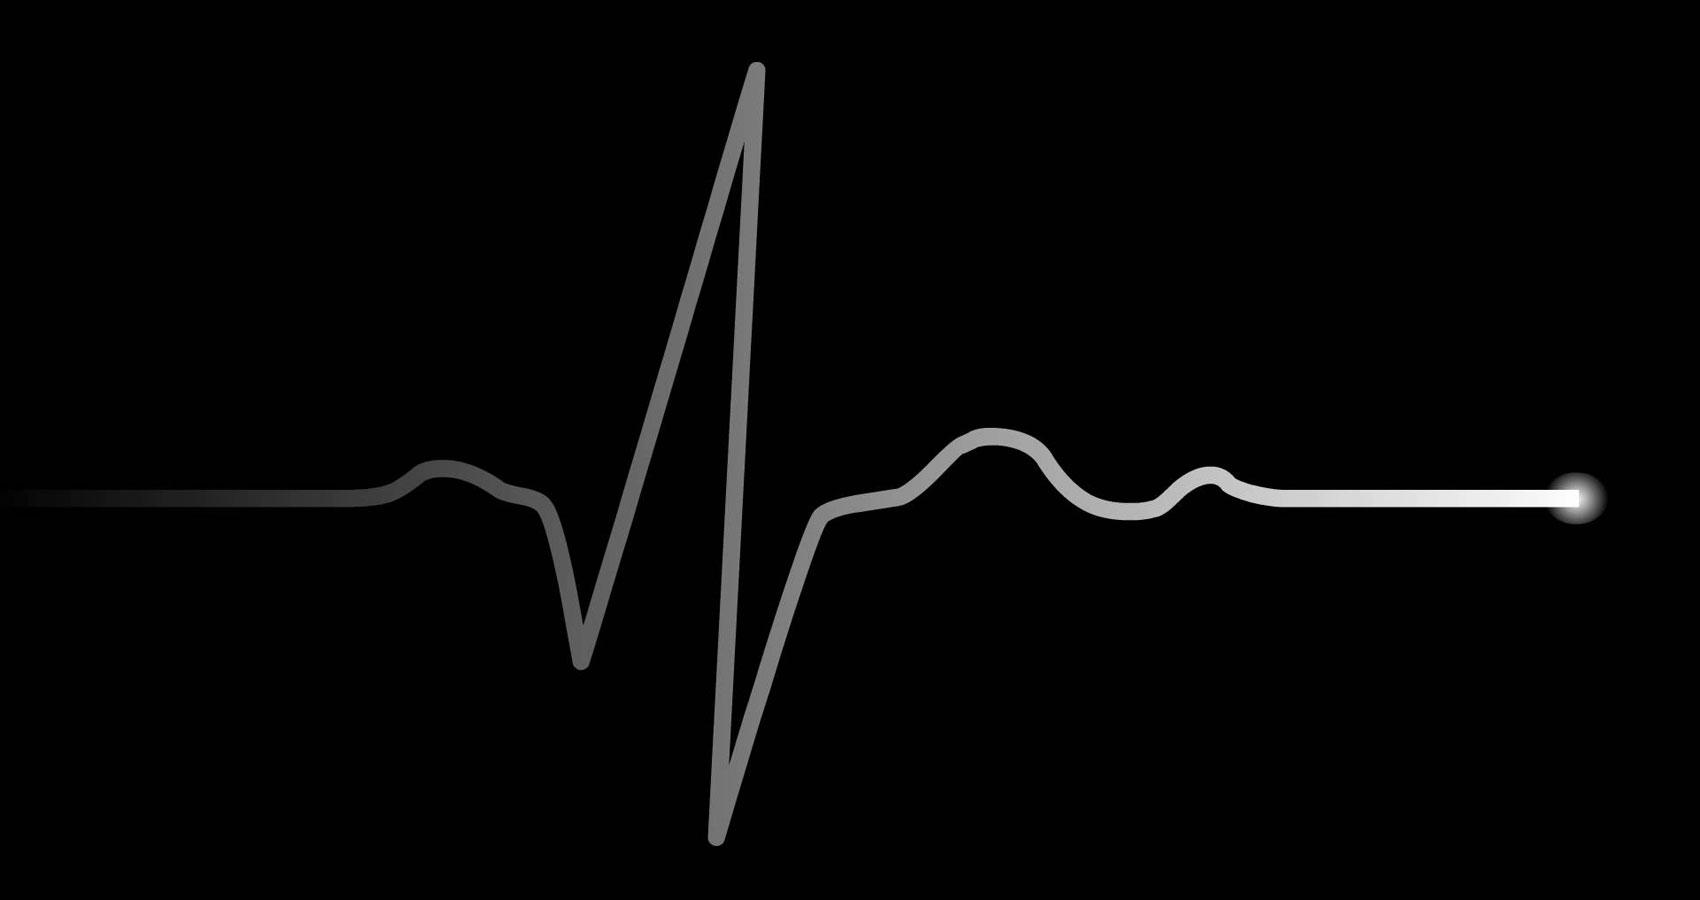 Heartbeat written by Natalia Aeschliman at Spillwords.com